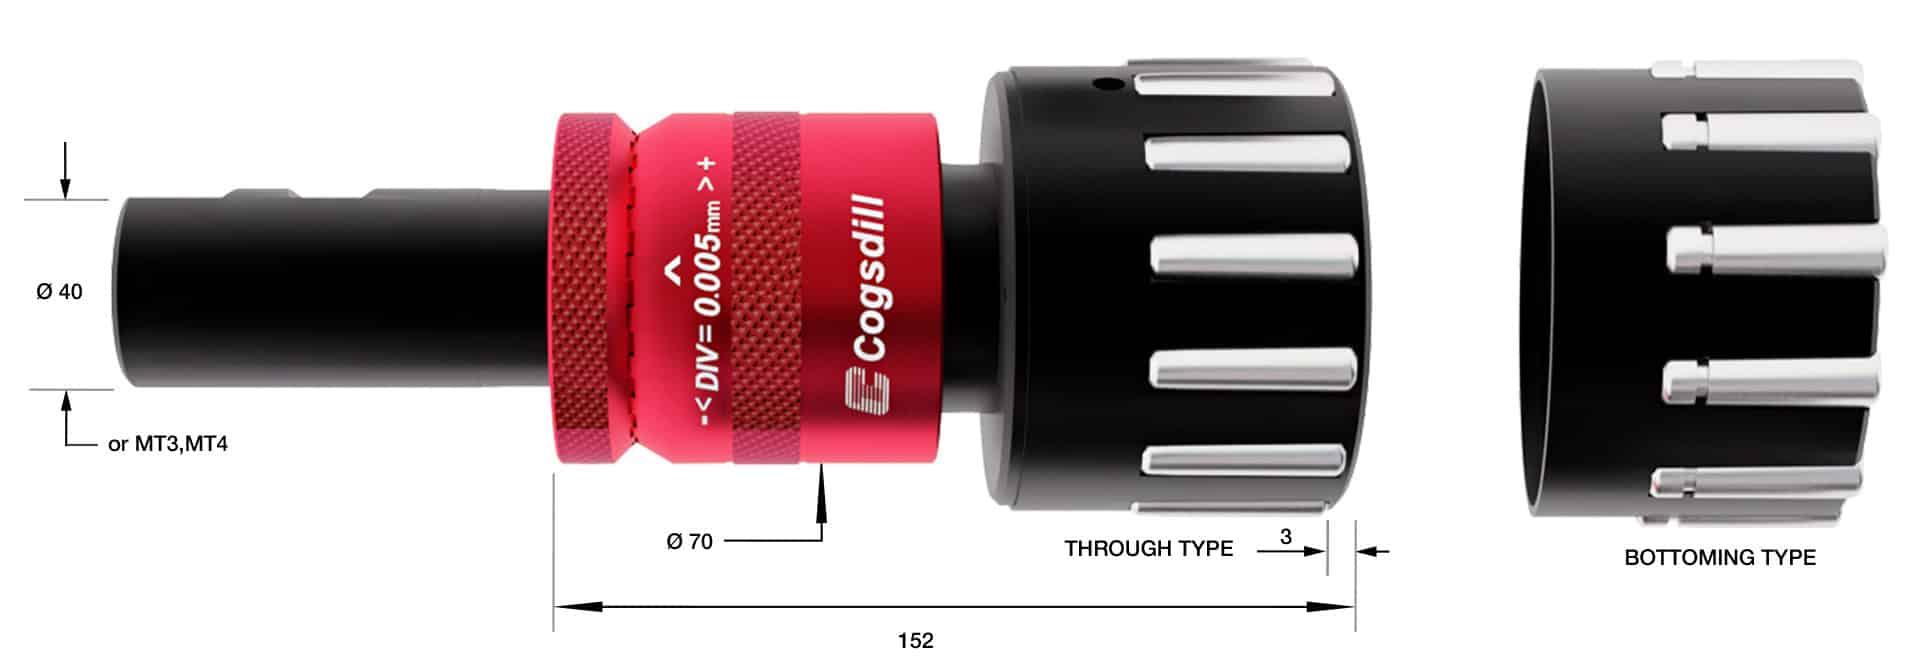 Esquema de bruñido de rodillos SRMR92- 90-177